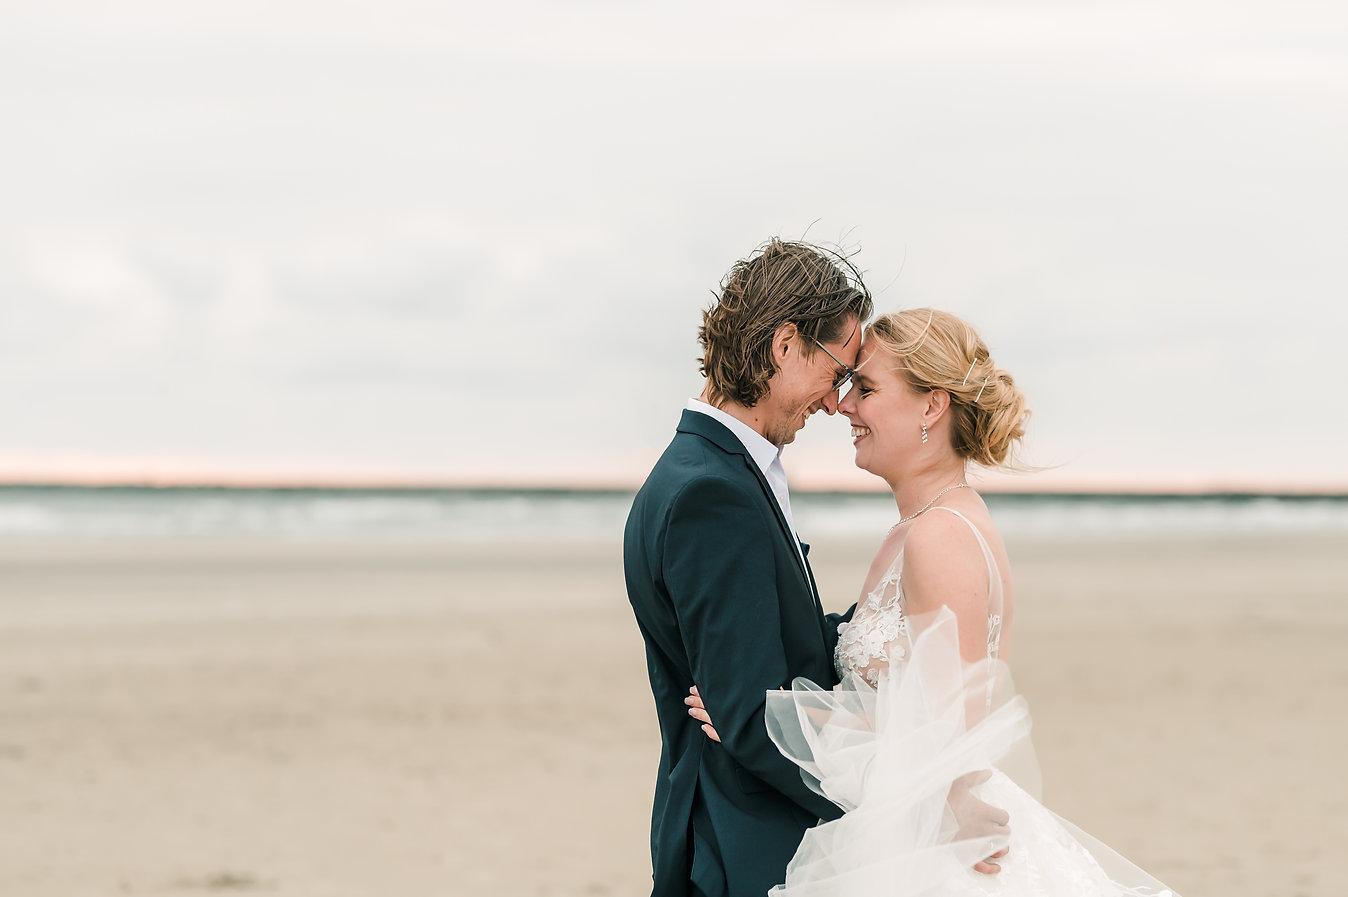 Bonarius fotografie trouwen, trouwfotograaf